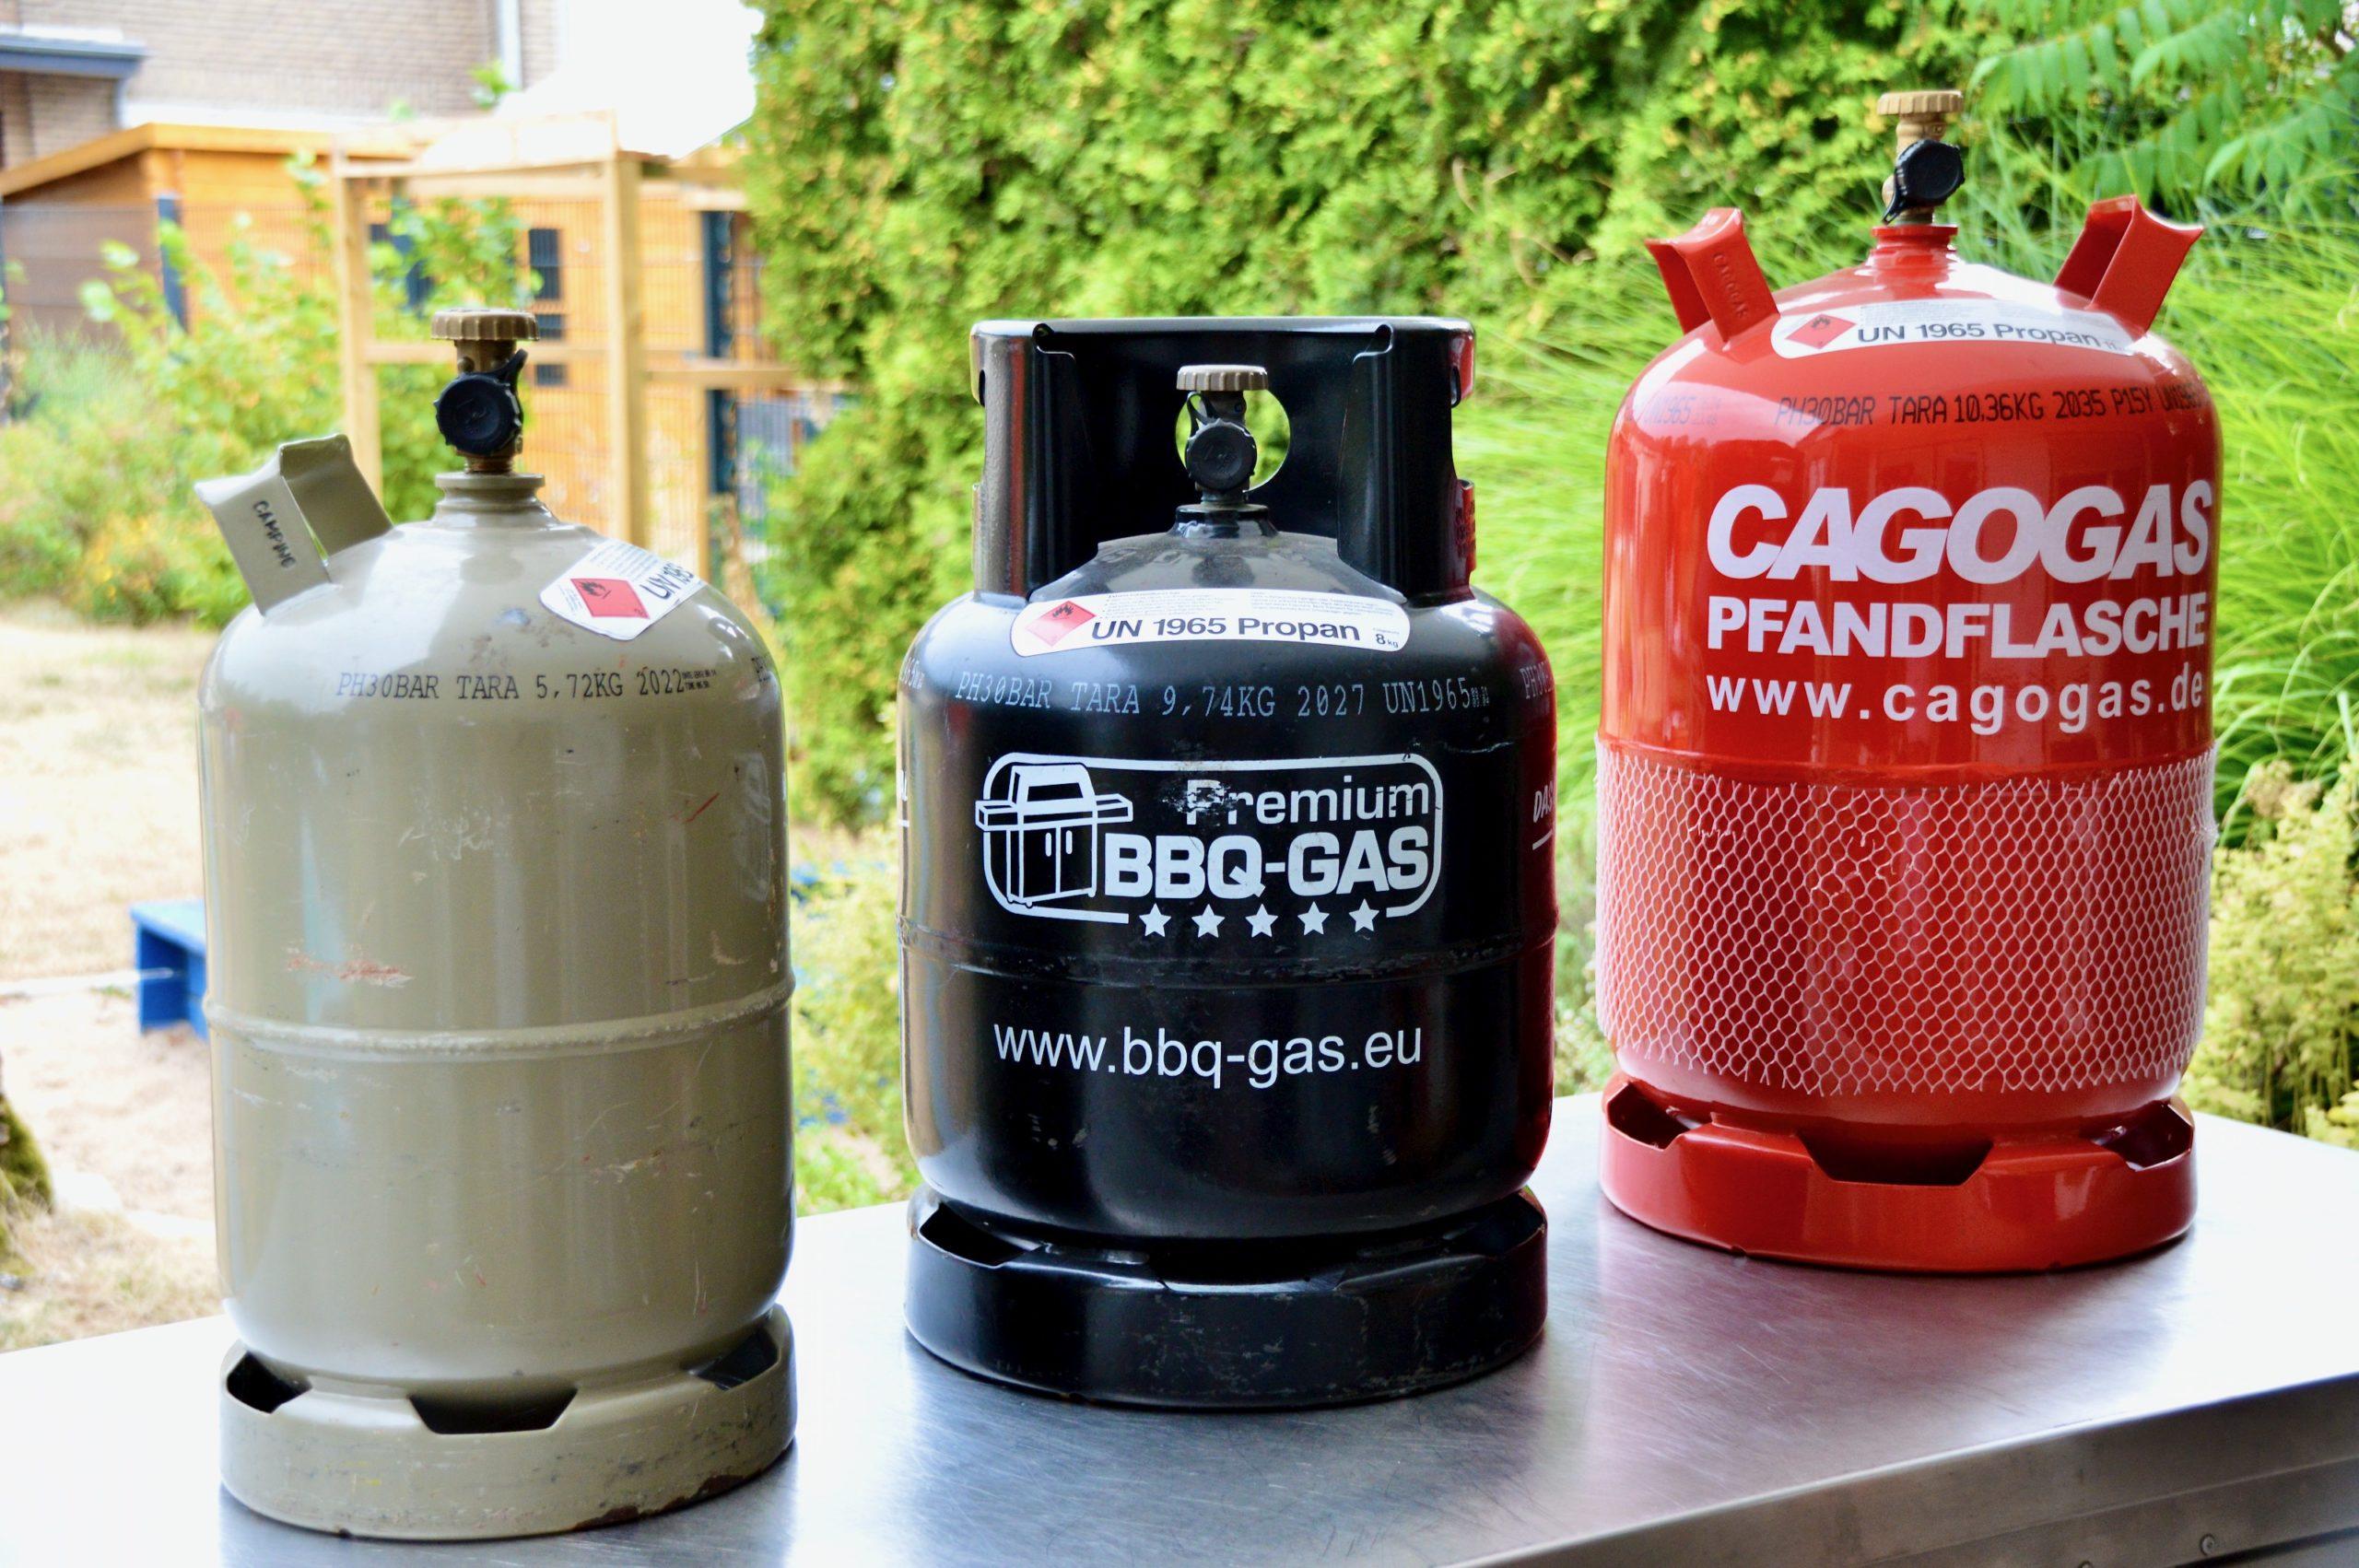 BBQ Gas - Vorteile der schwarzen Gasflaschen